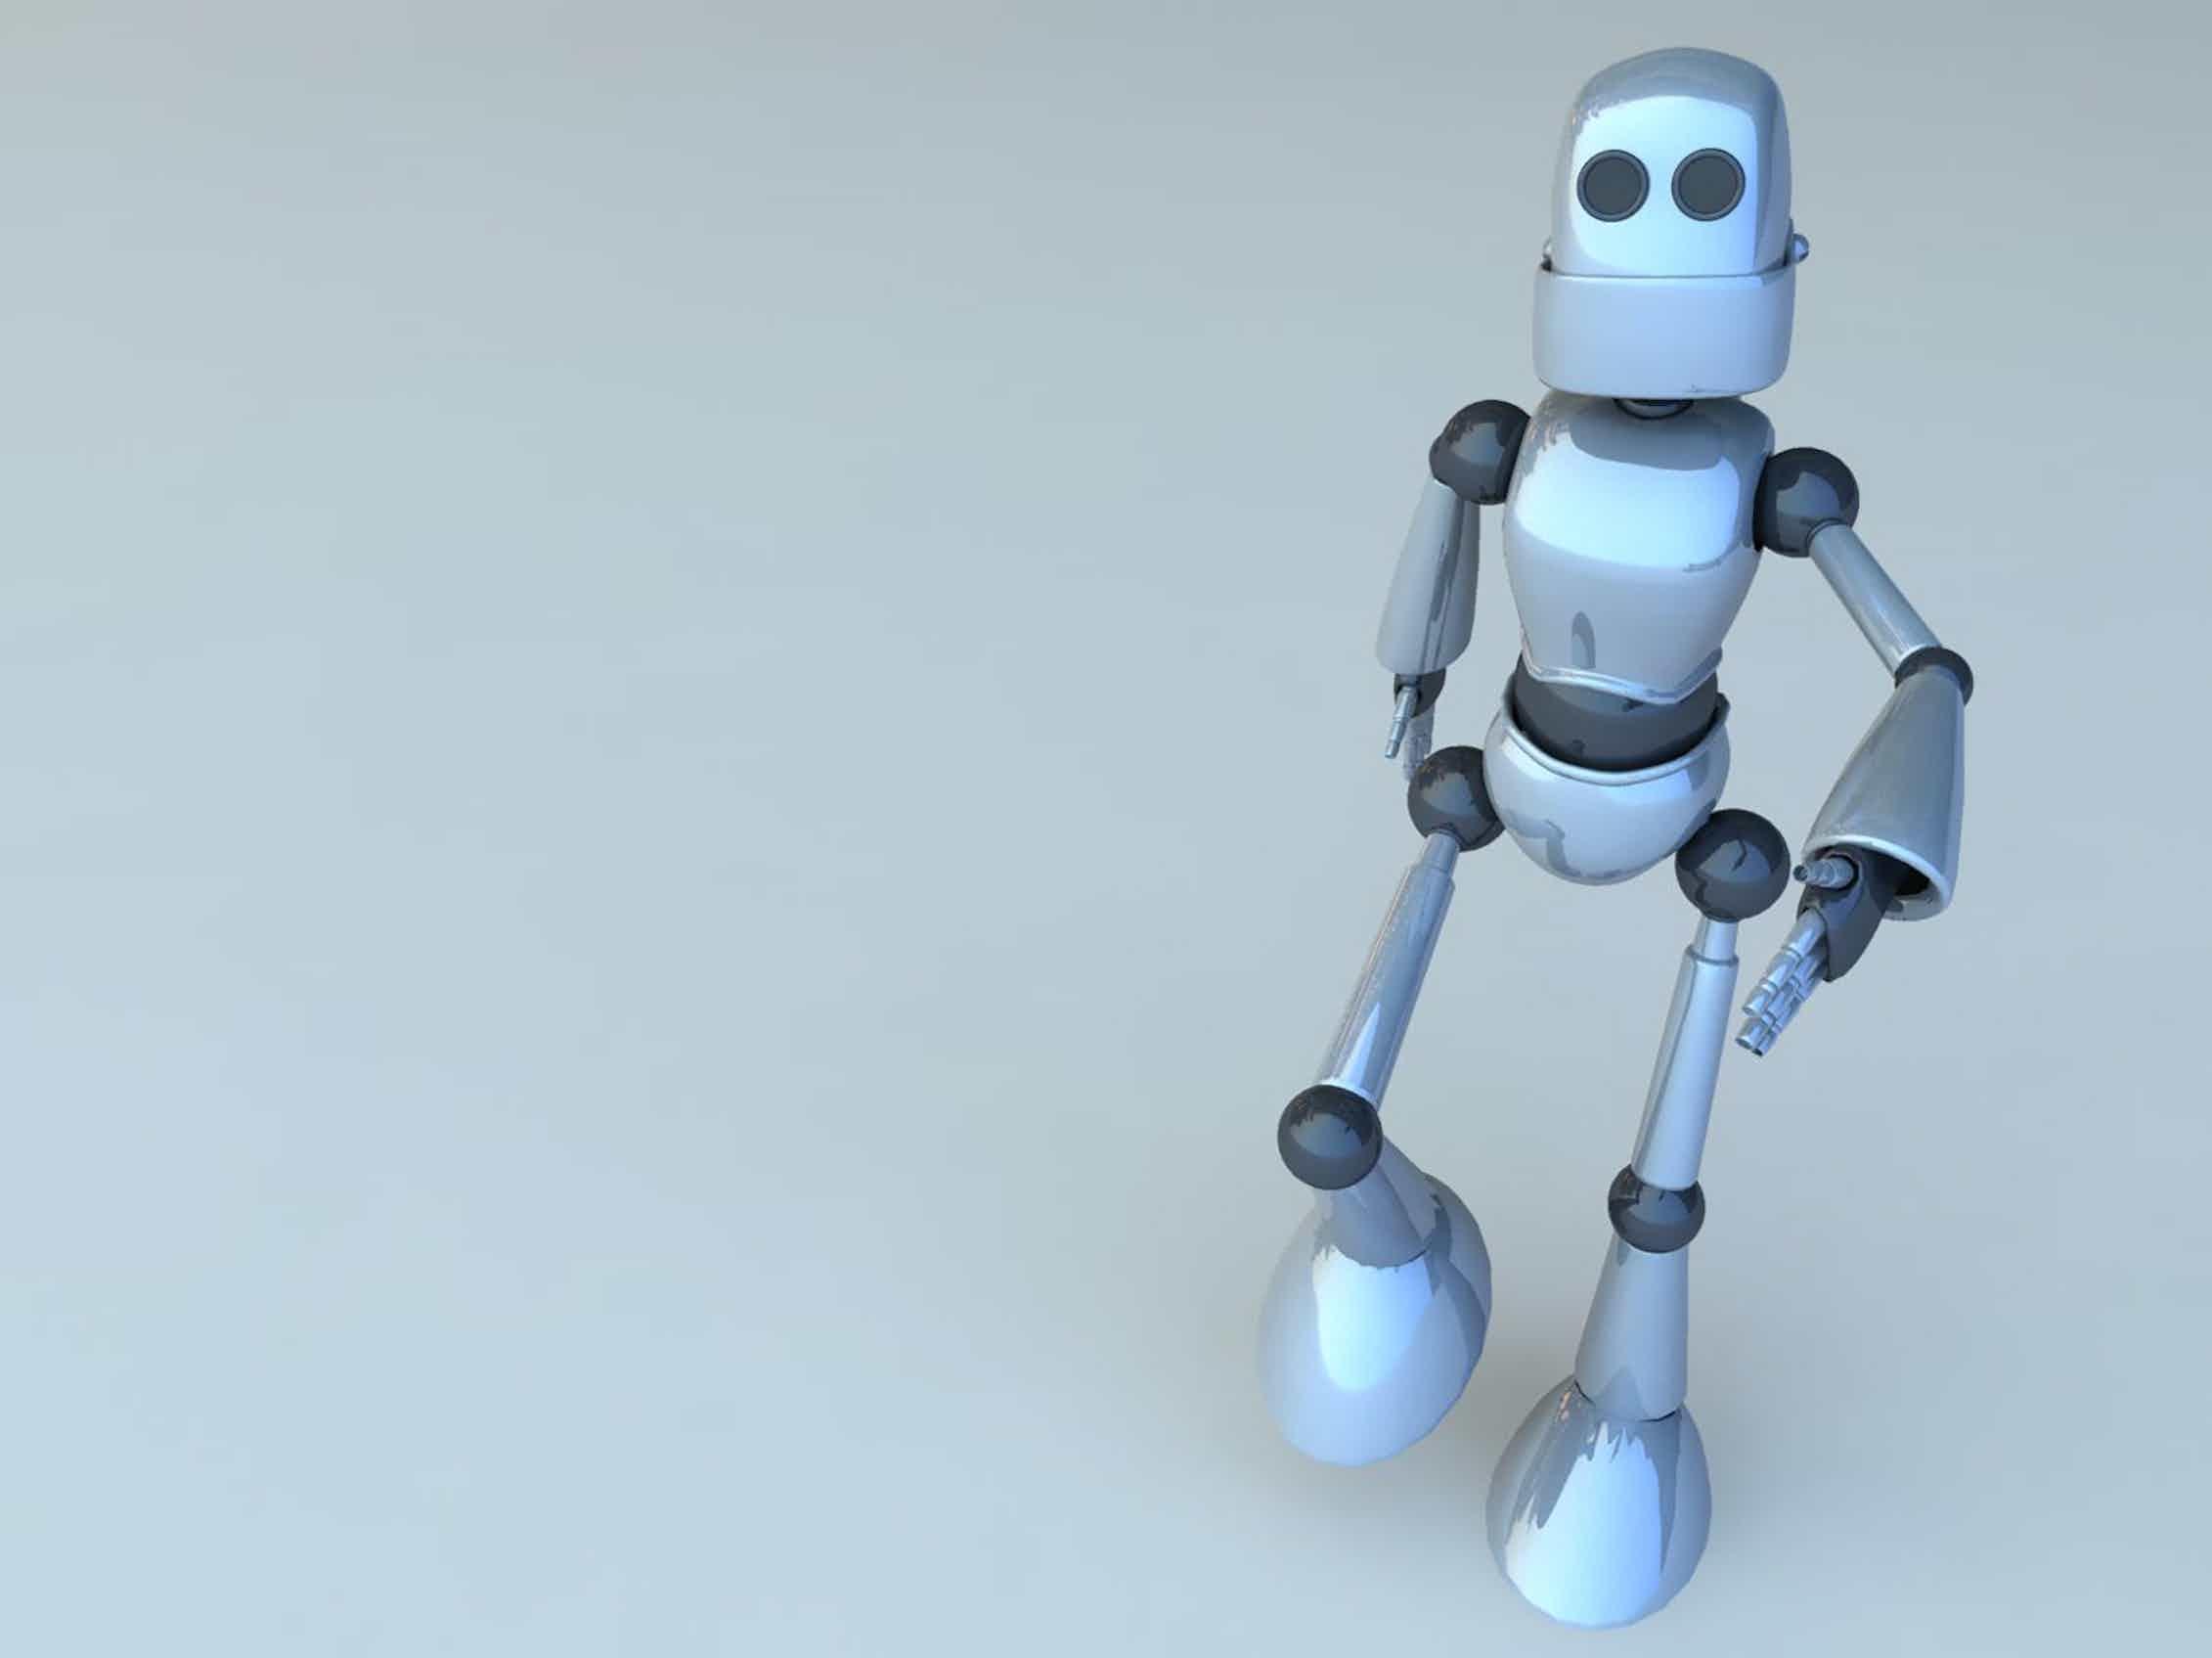 robotics backgrounds - HD1600×1199